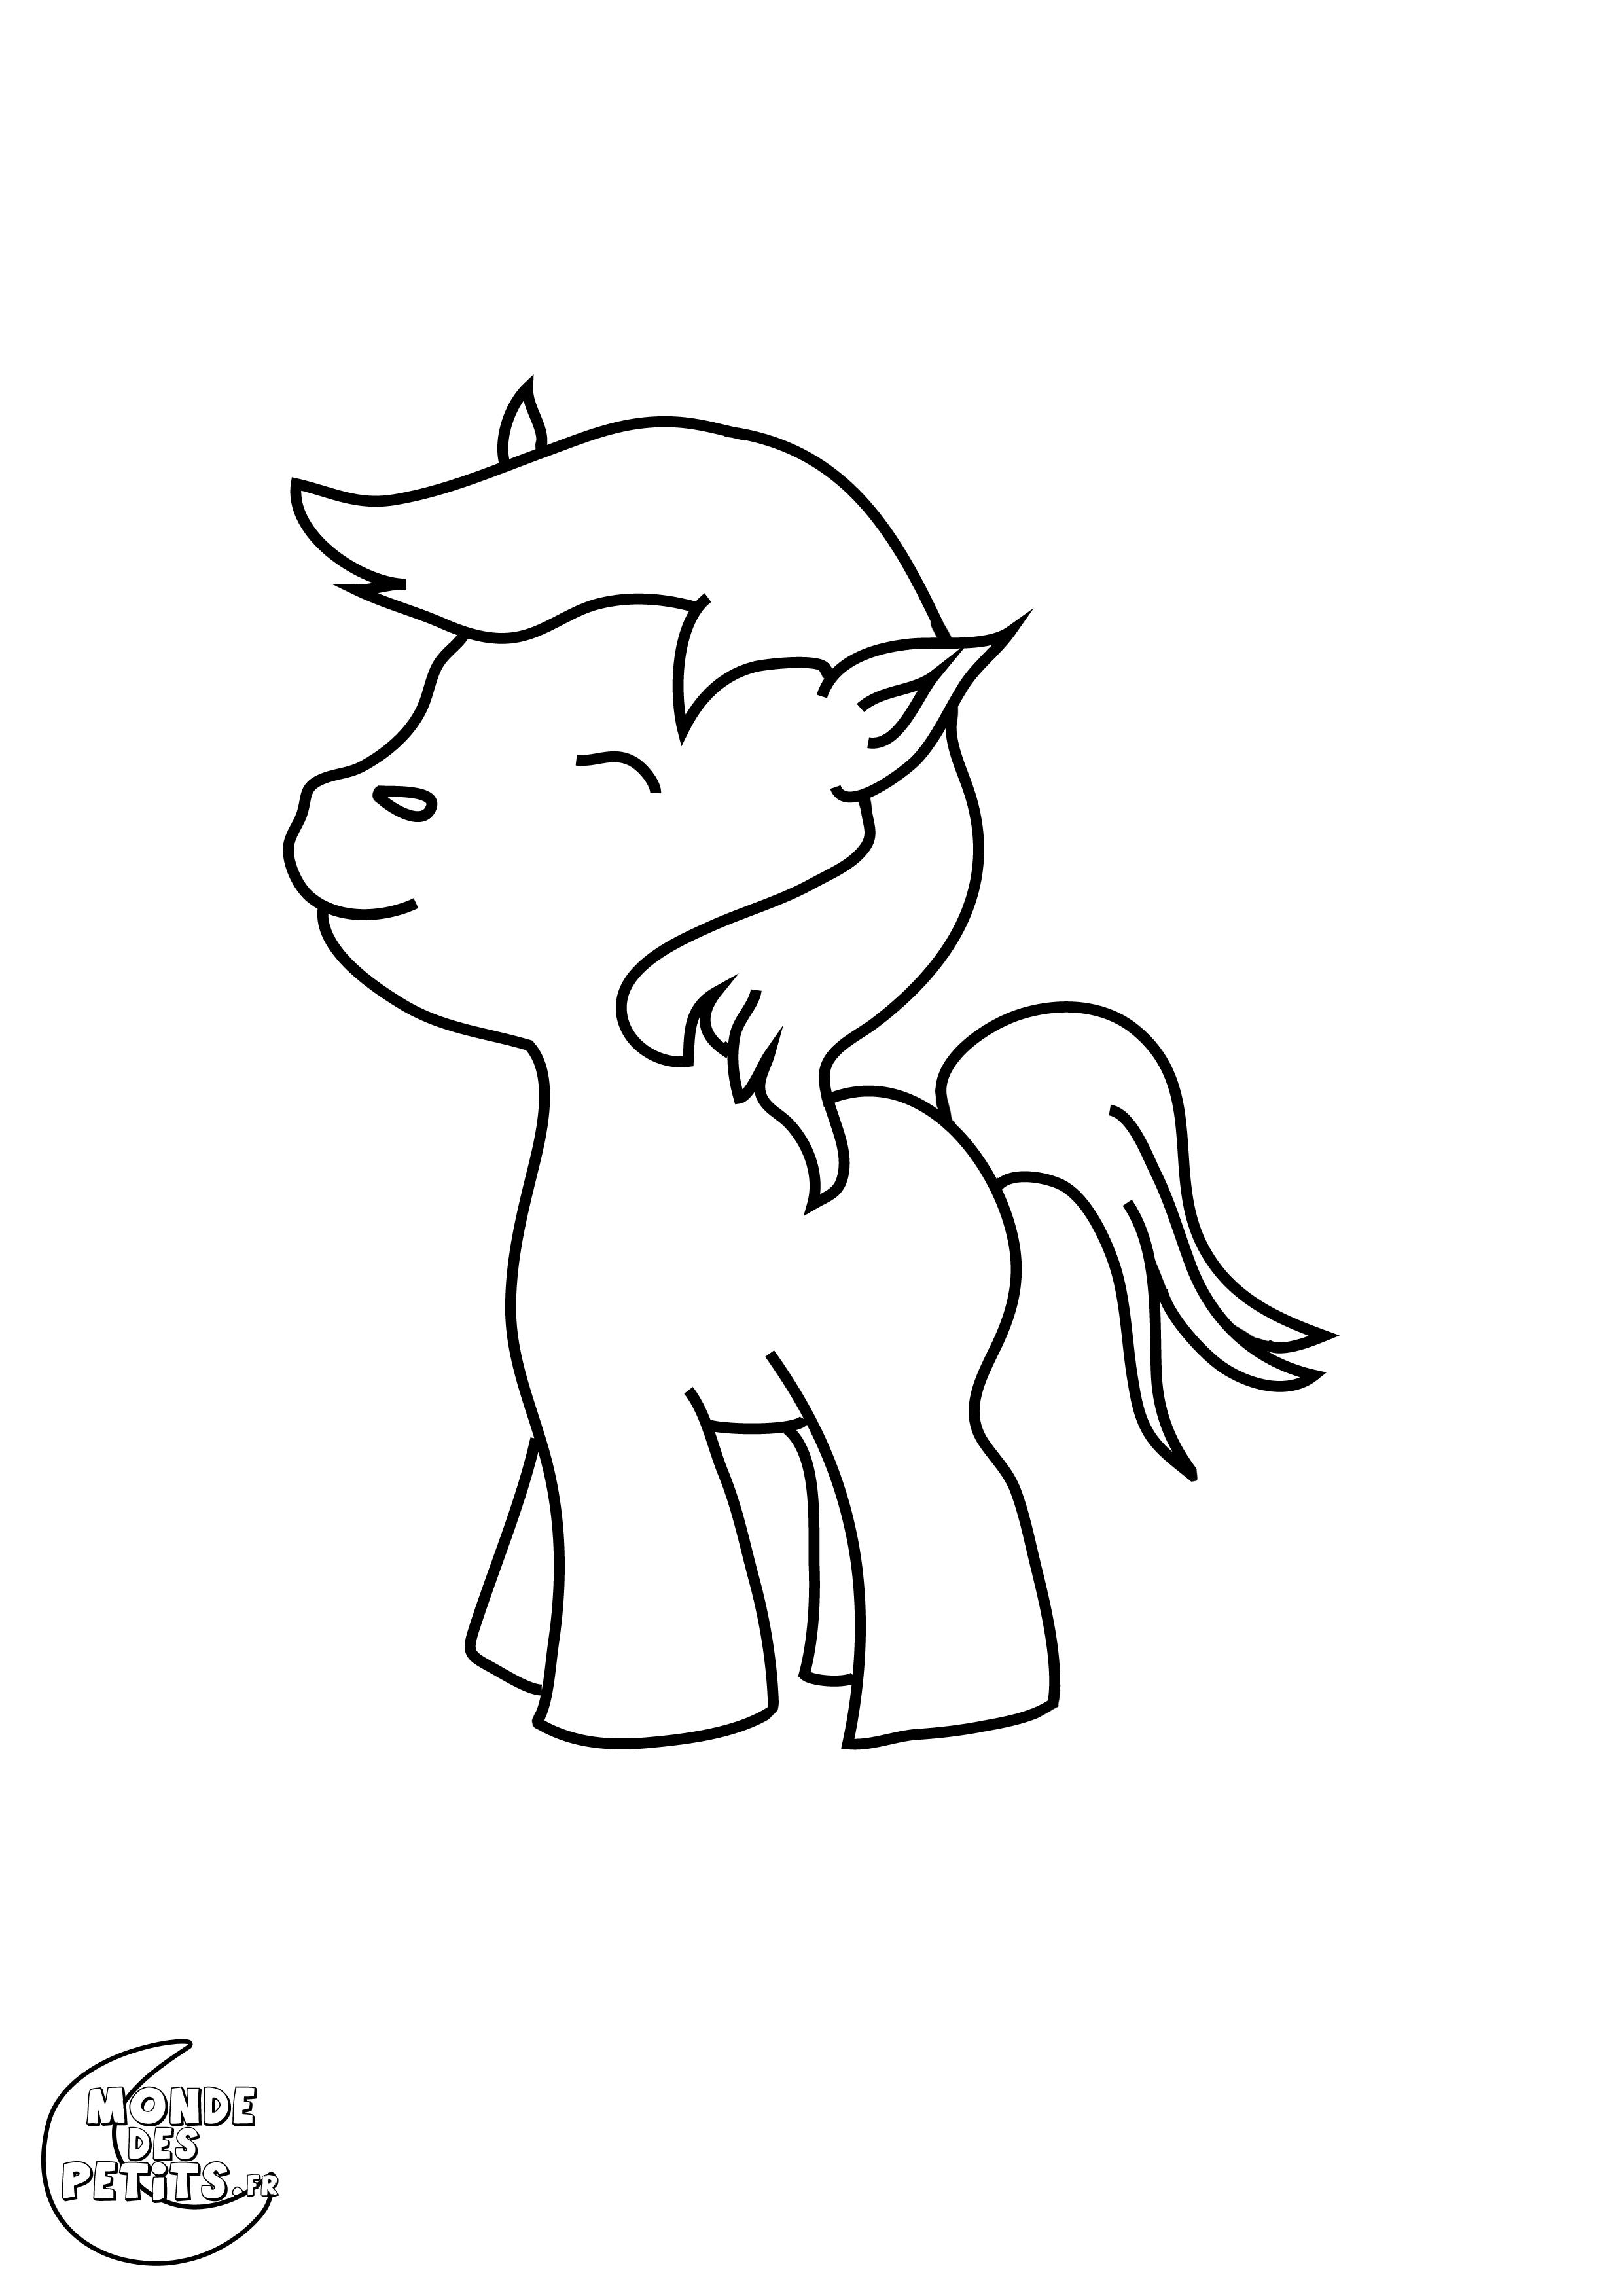 Dessin simple poney - Coloriage poney en ligne ...